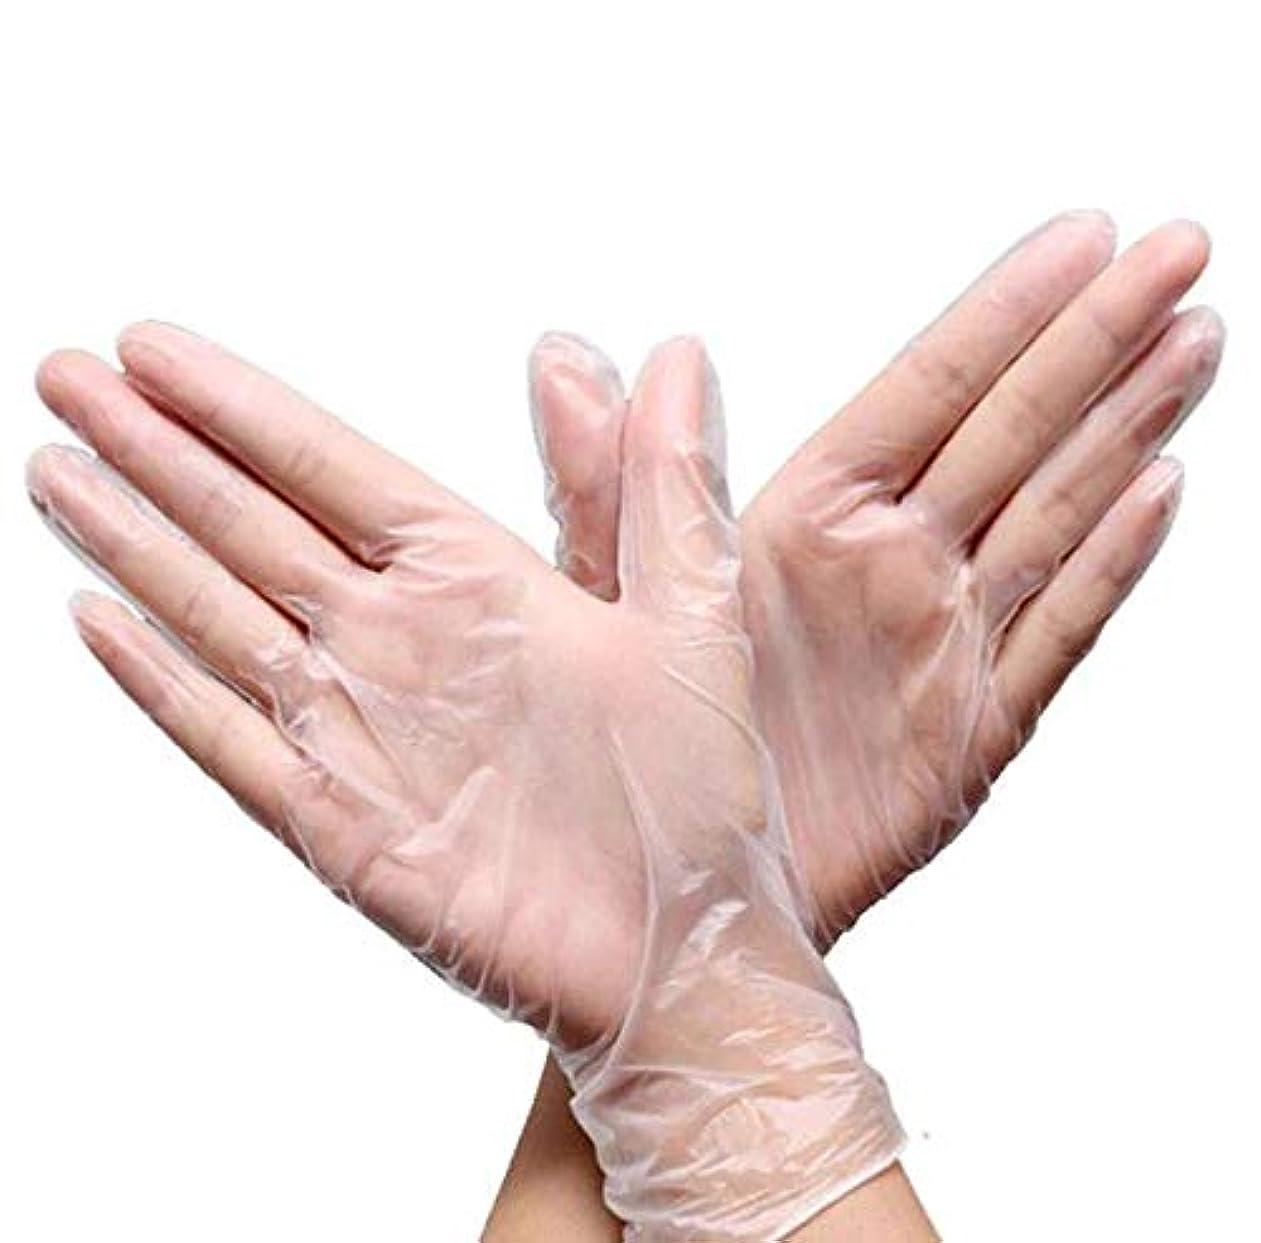 コンピューターセール雪だるまを作るSTK ニトリルゴム手袋 使い捨て手袋 透明 耐油 防水 左右兼用 粉なし 手荒れを防ぎ 素手 薄い 介護 トイレ掃除 園芸 美容 食器洗い (50ペアセット)